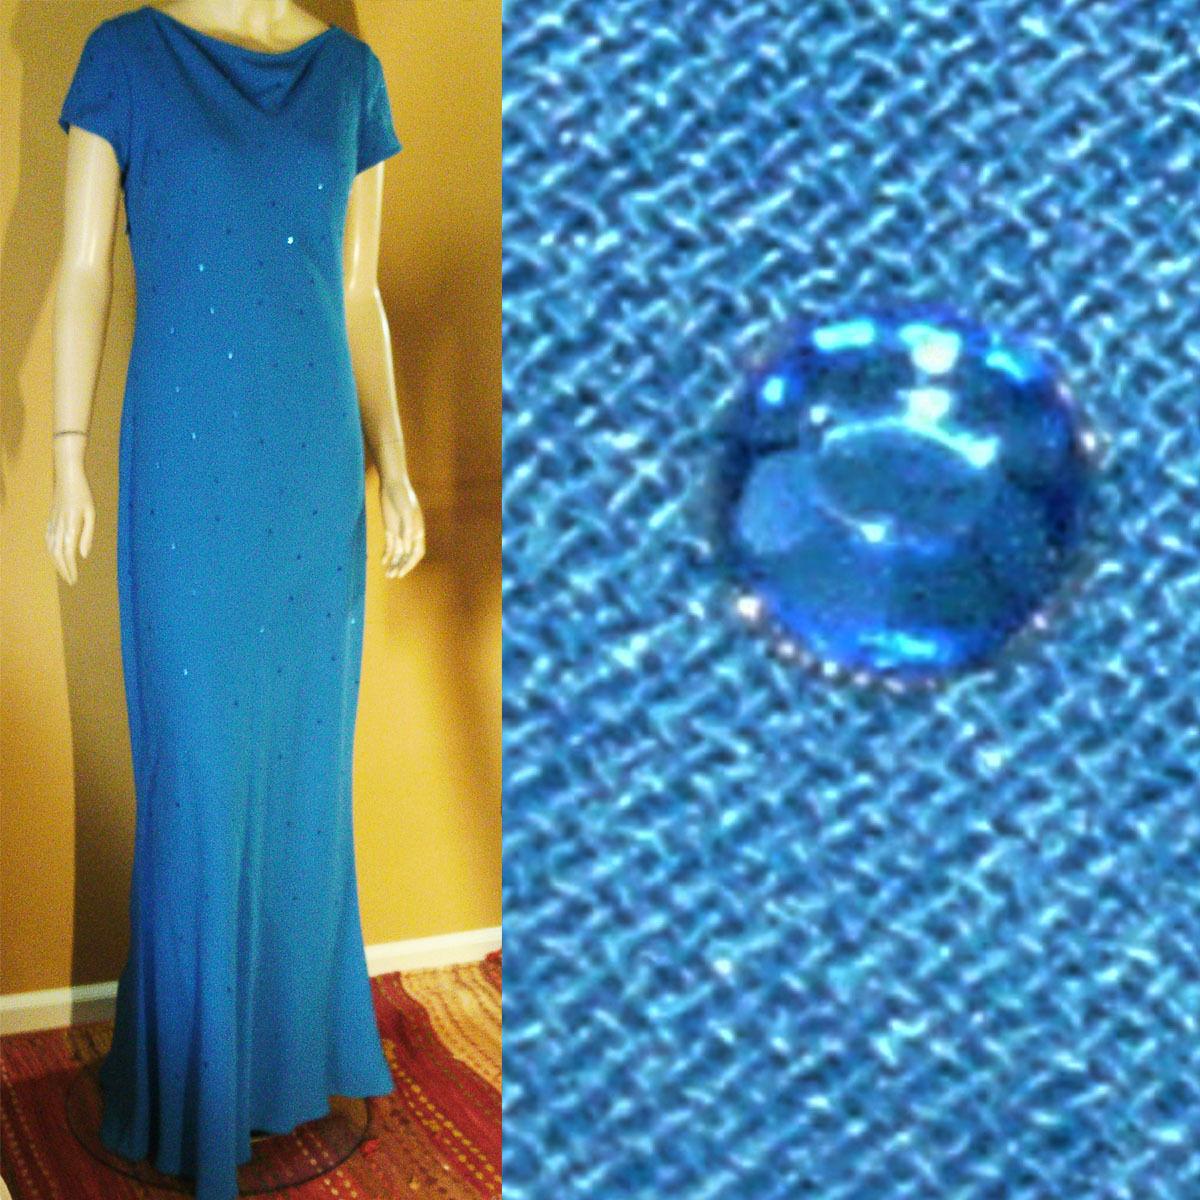 Neu Maxi Kleid 8 Ozean Blau Gepunktet mit Pailletten von Cheeta B Robe Formelle